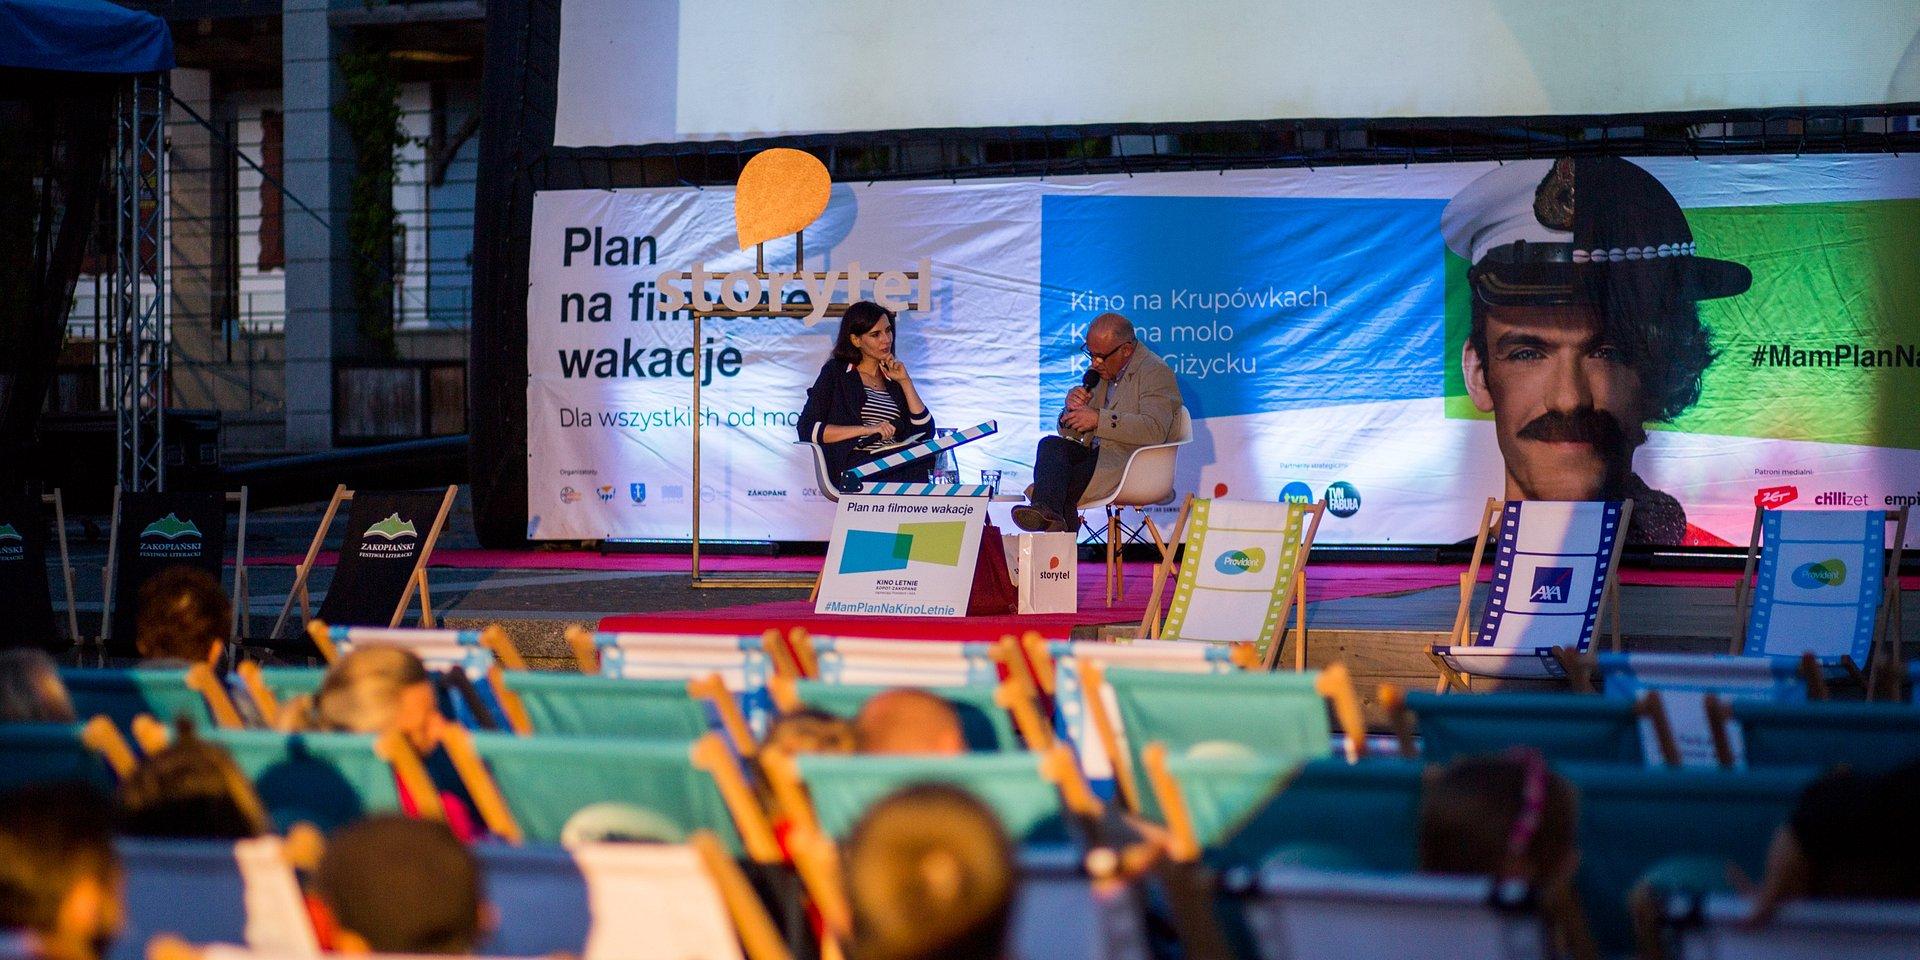 Ponad 100 tys. widzów podczas festiwalu Kino Letnie Sopot-Zakopane!